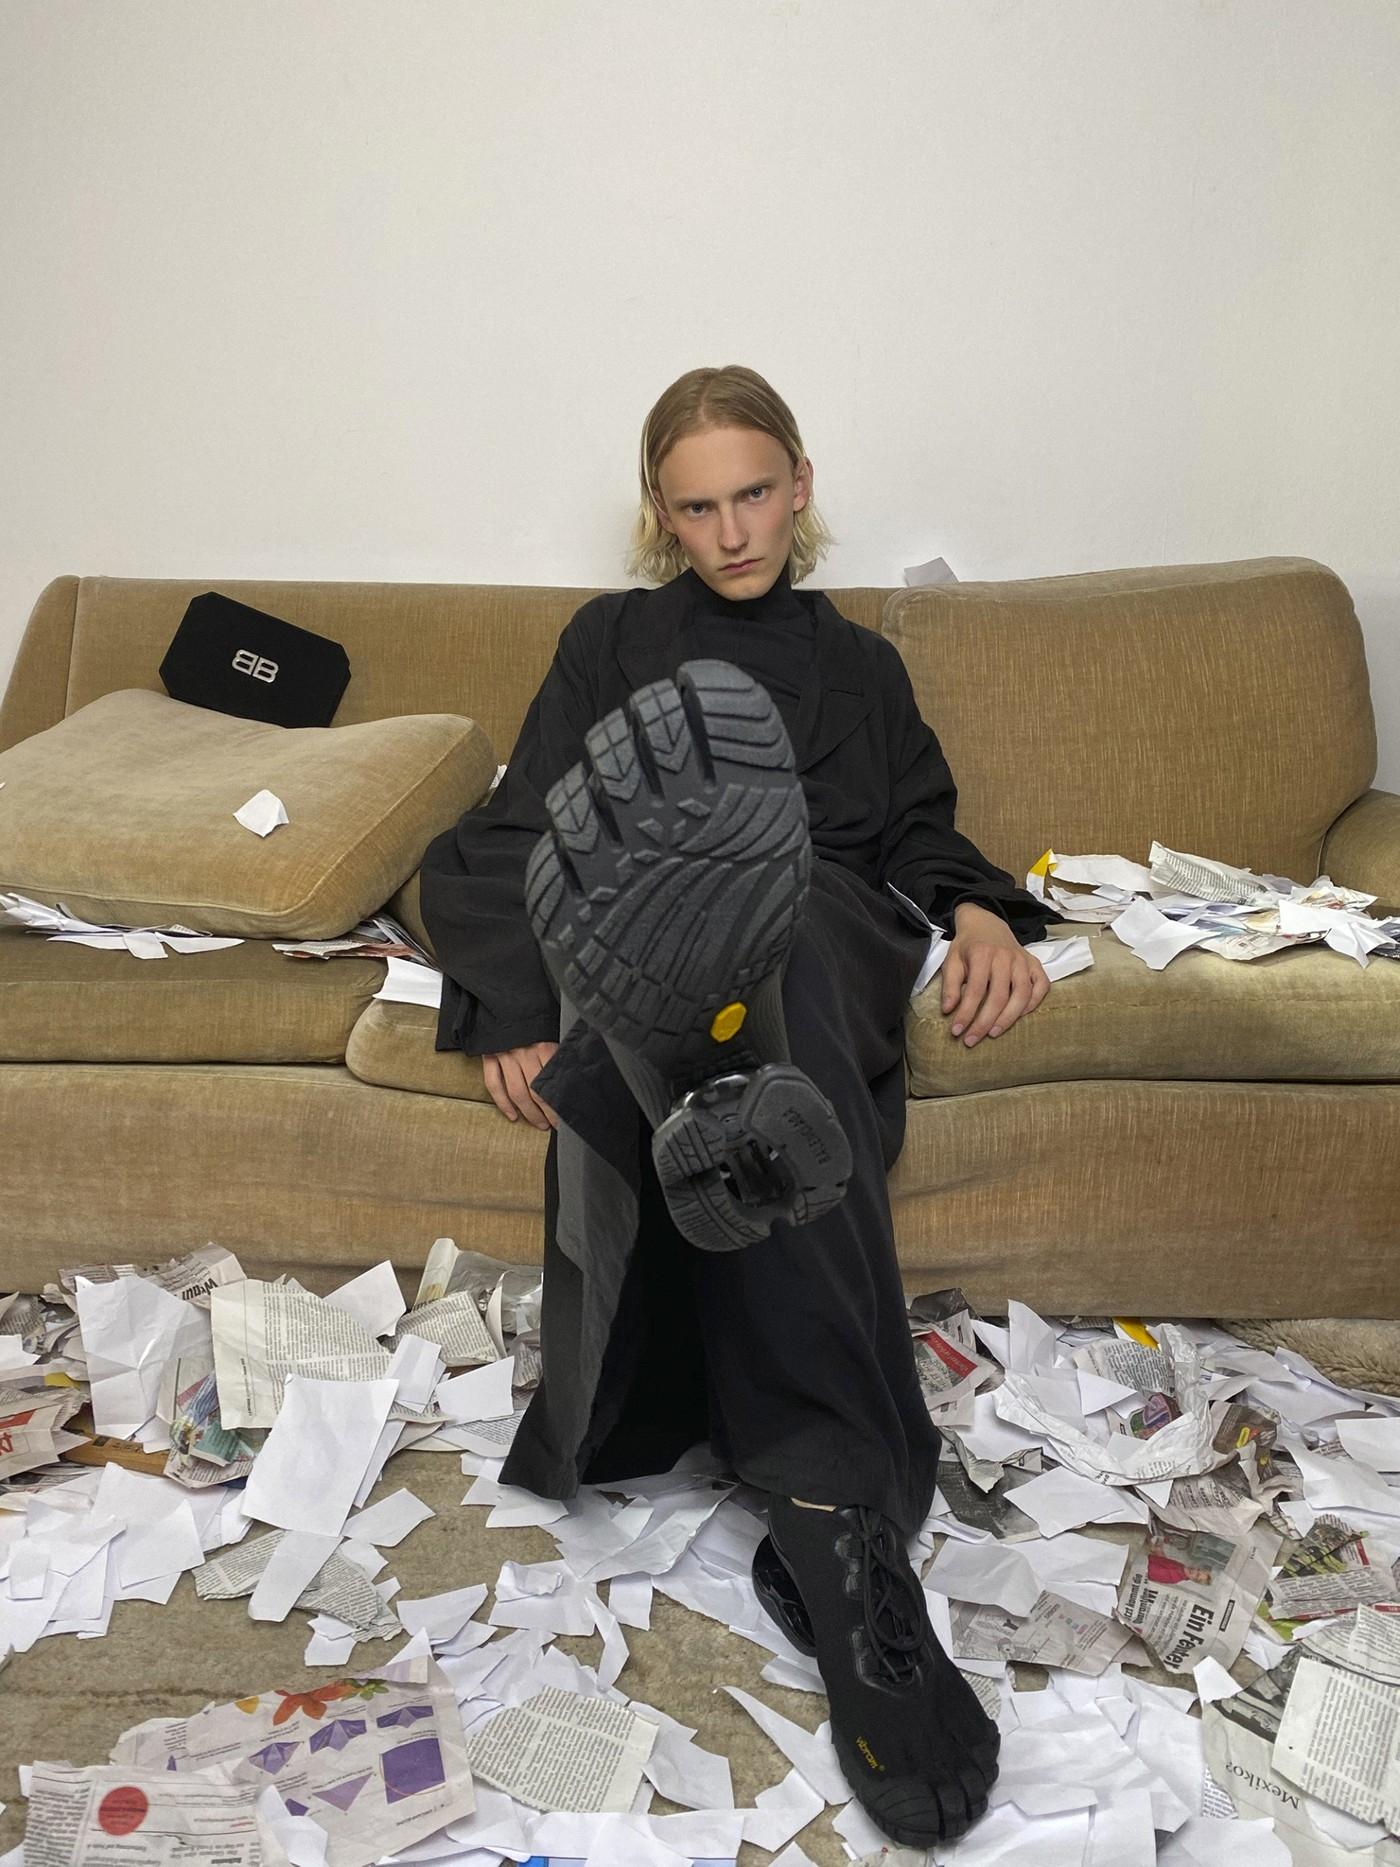 Тренд или антитренд? Balenciaga и Vibram выпустили обувь на пять пальцев (ФОТО) - фото №1